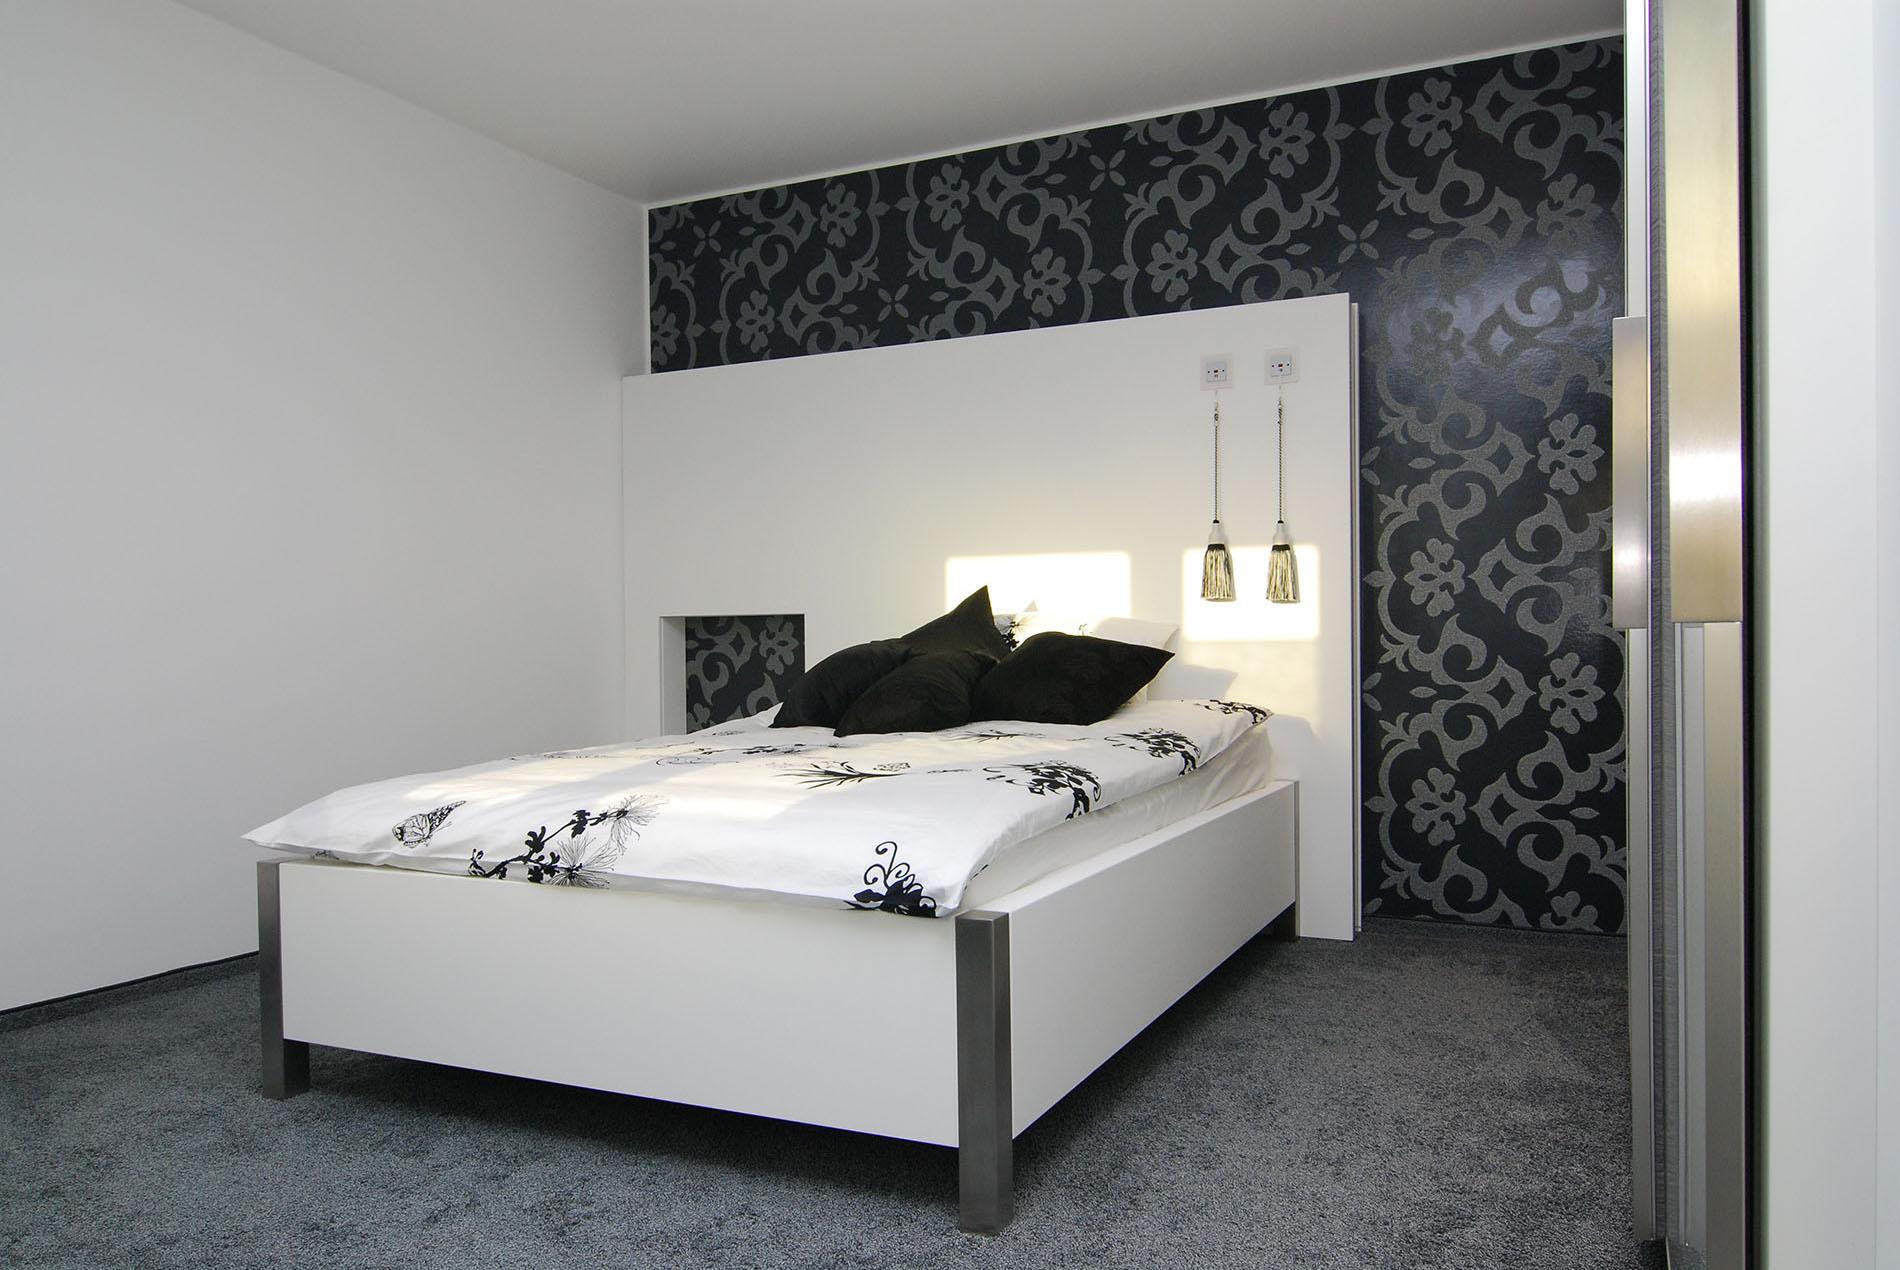 schlafzimmer schrankwand schlafzimmer rosa wei stiftung warentest bettdecken 2014 komplett. Black Bedroom Furniture Sets. Home Design Ideas